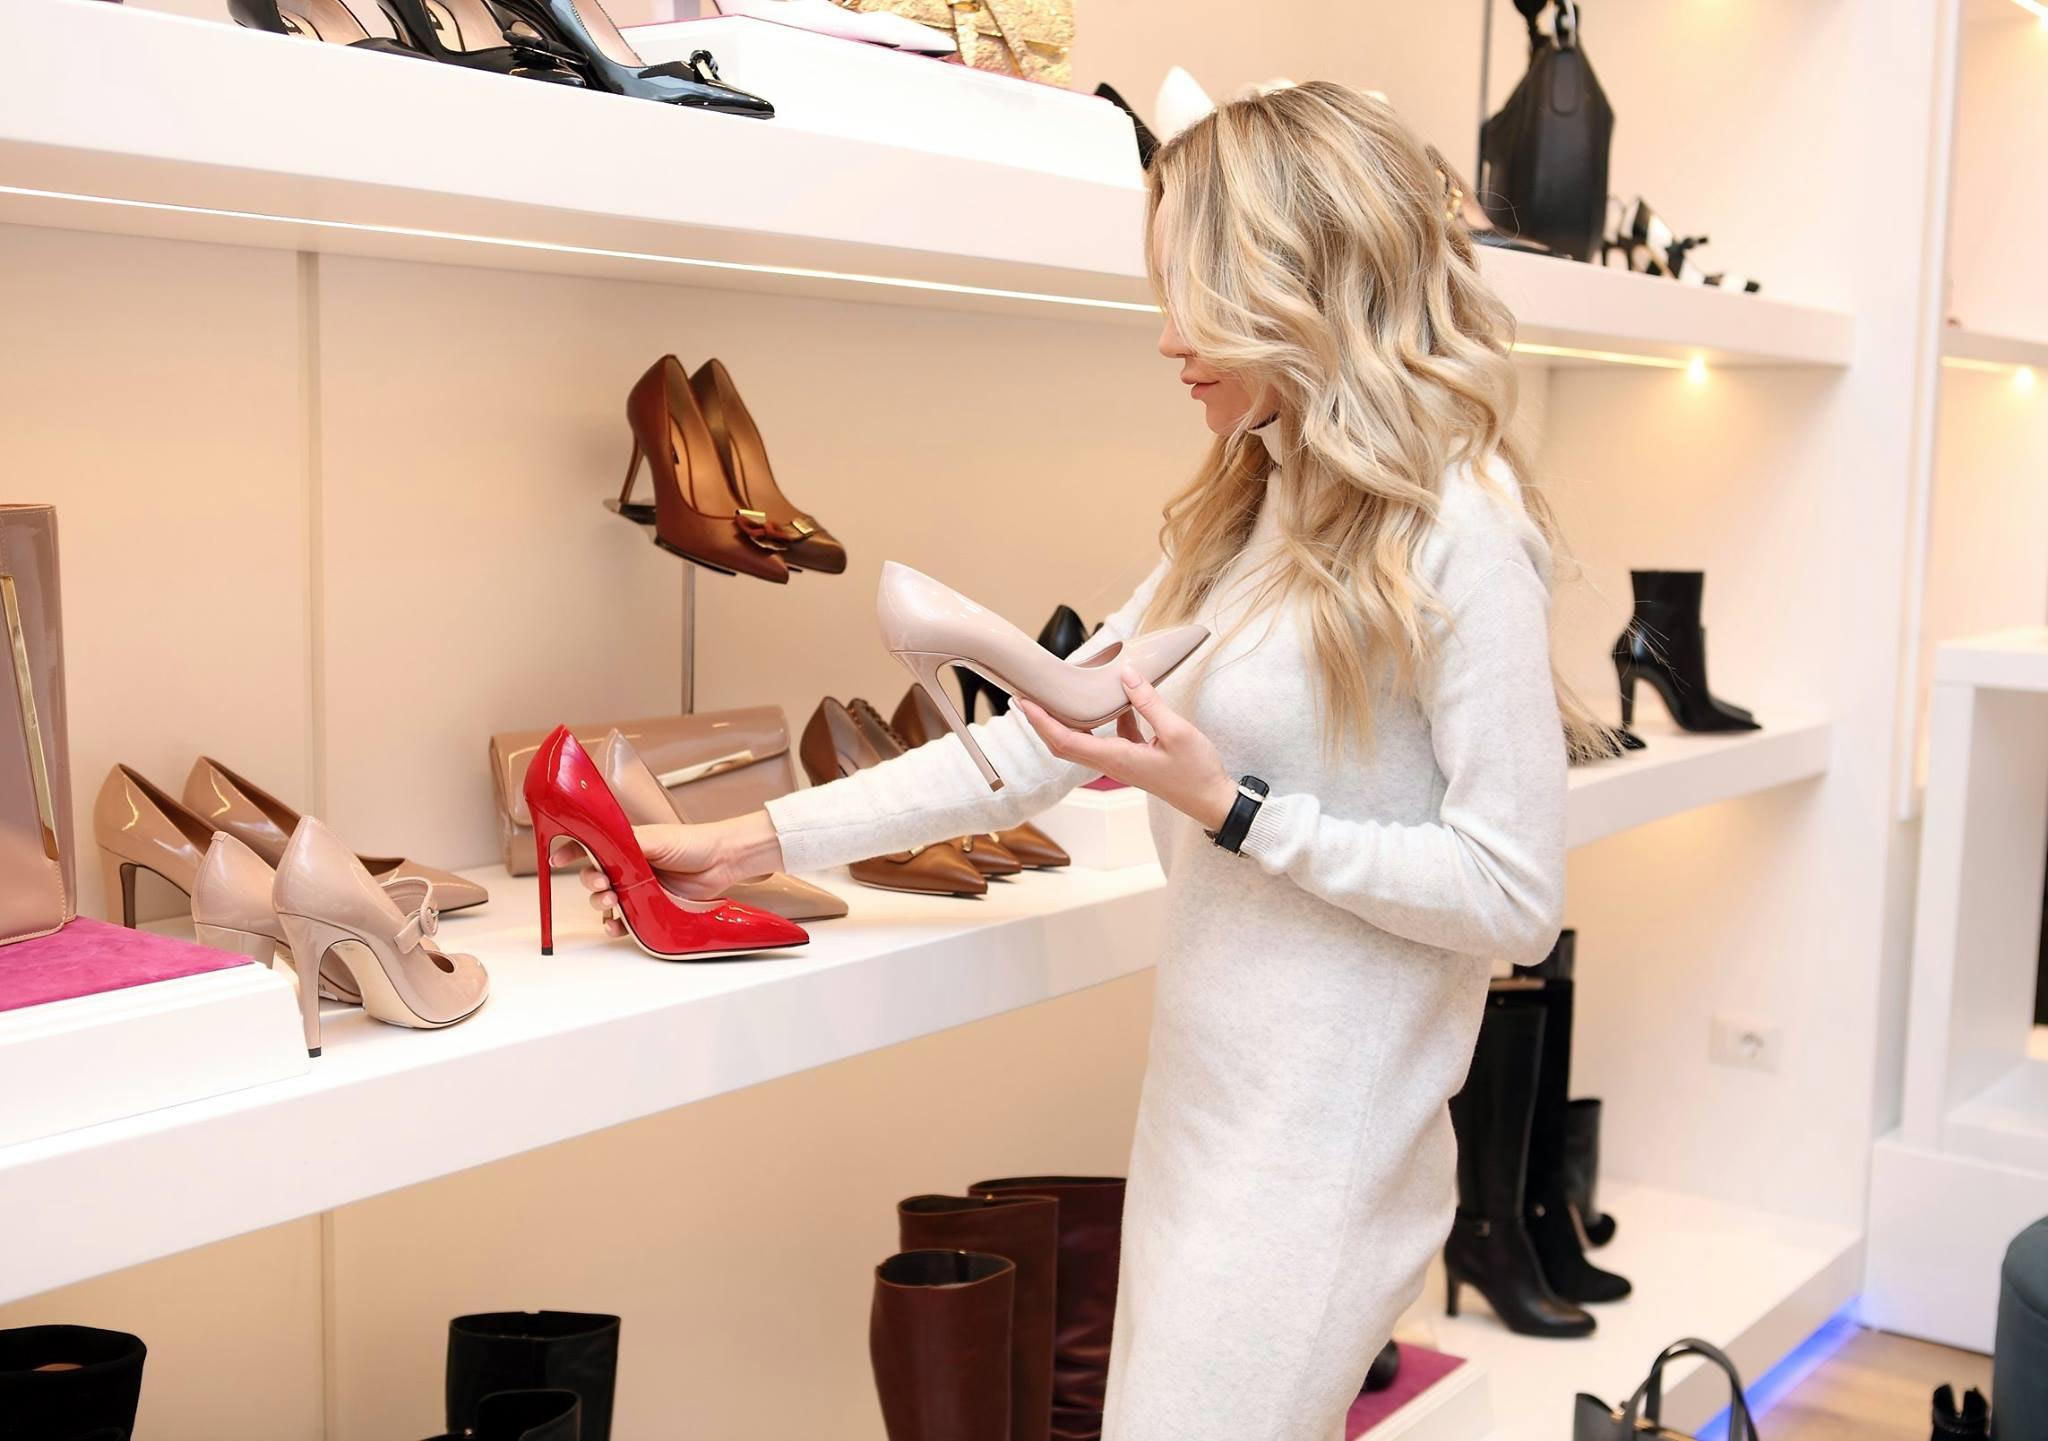 Los mejores zapatos para un evento - Trocadero Shoes